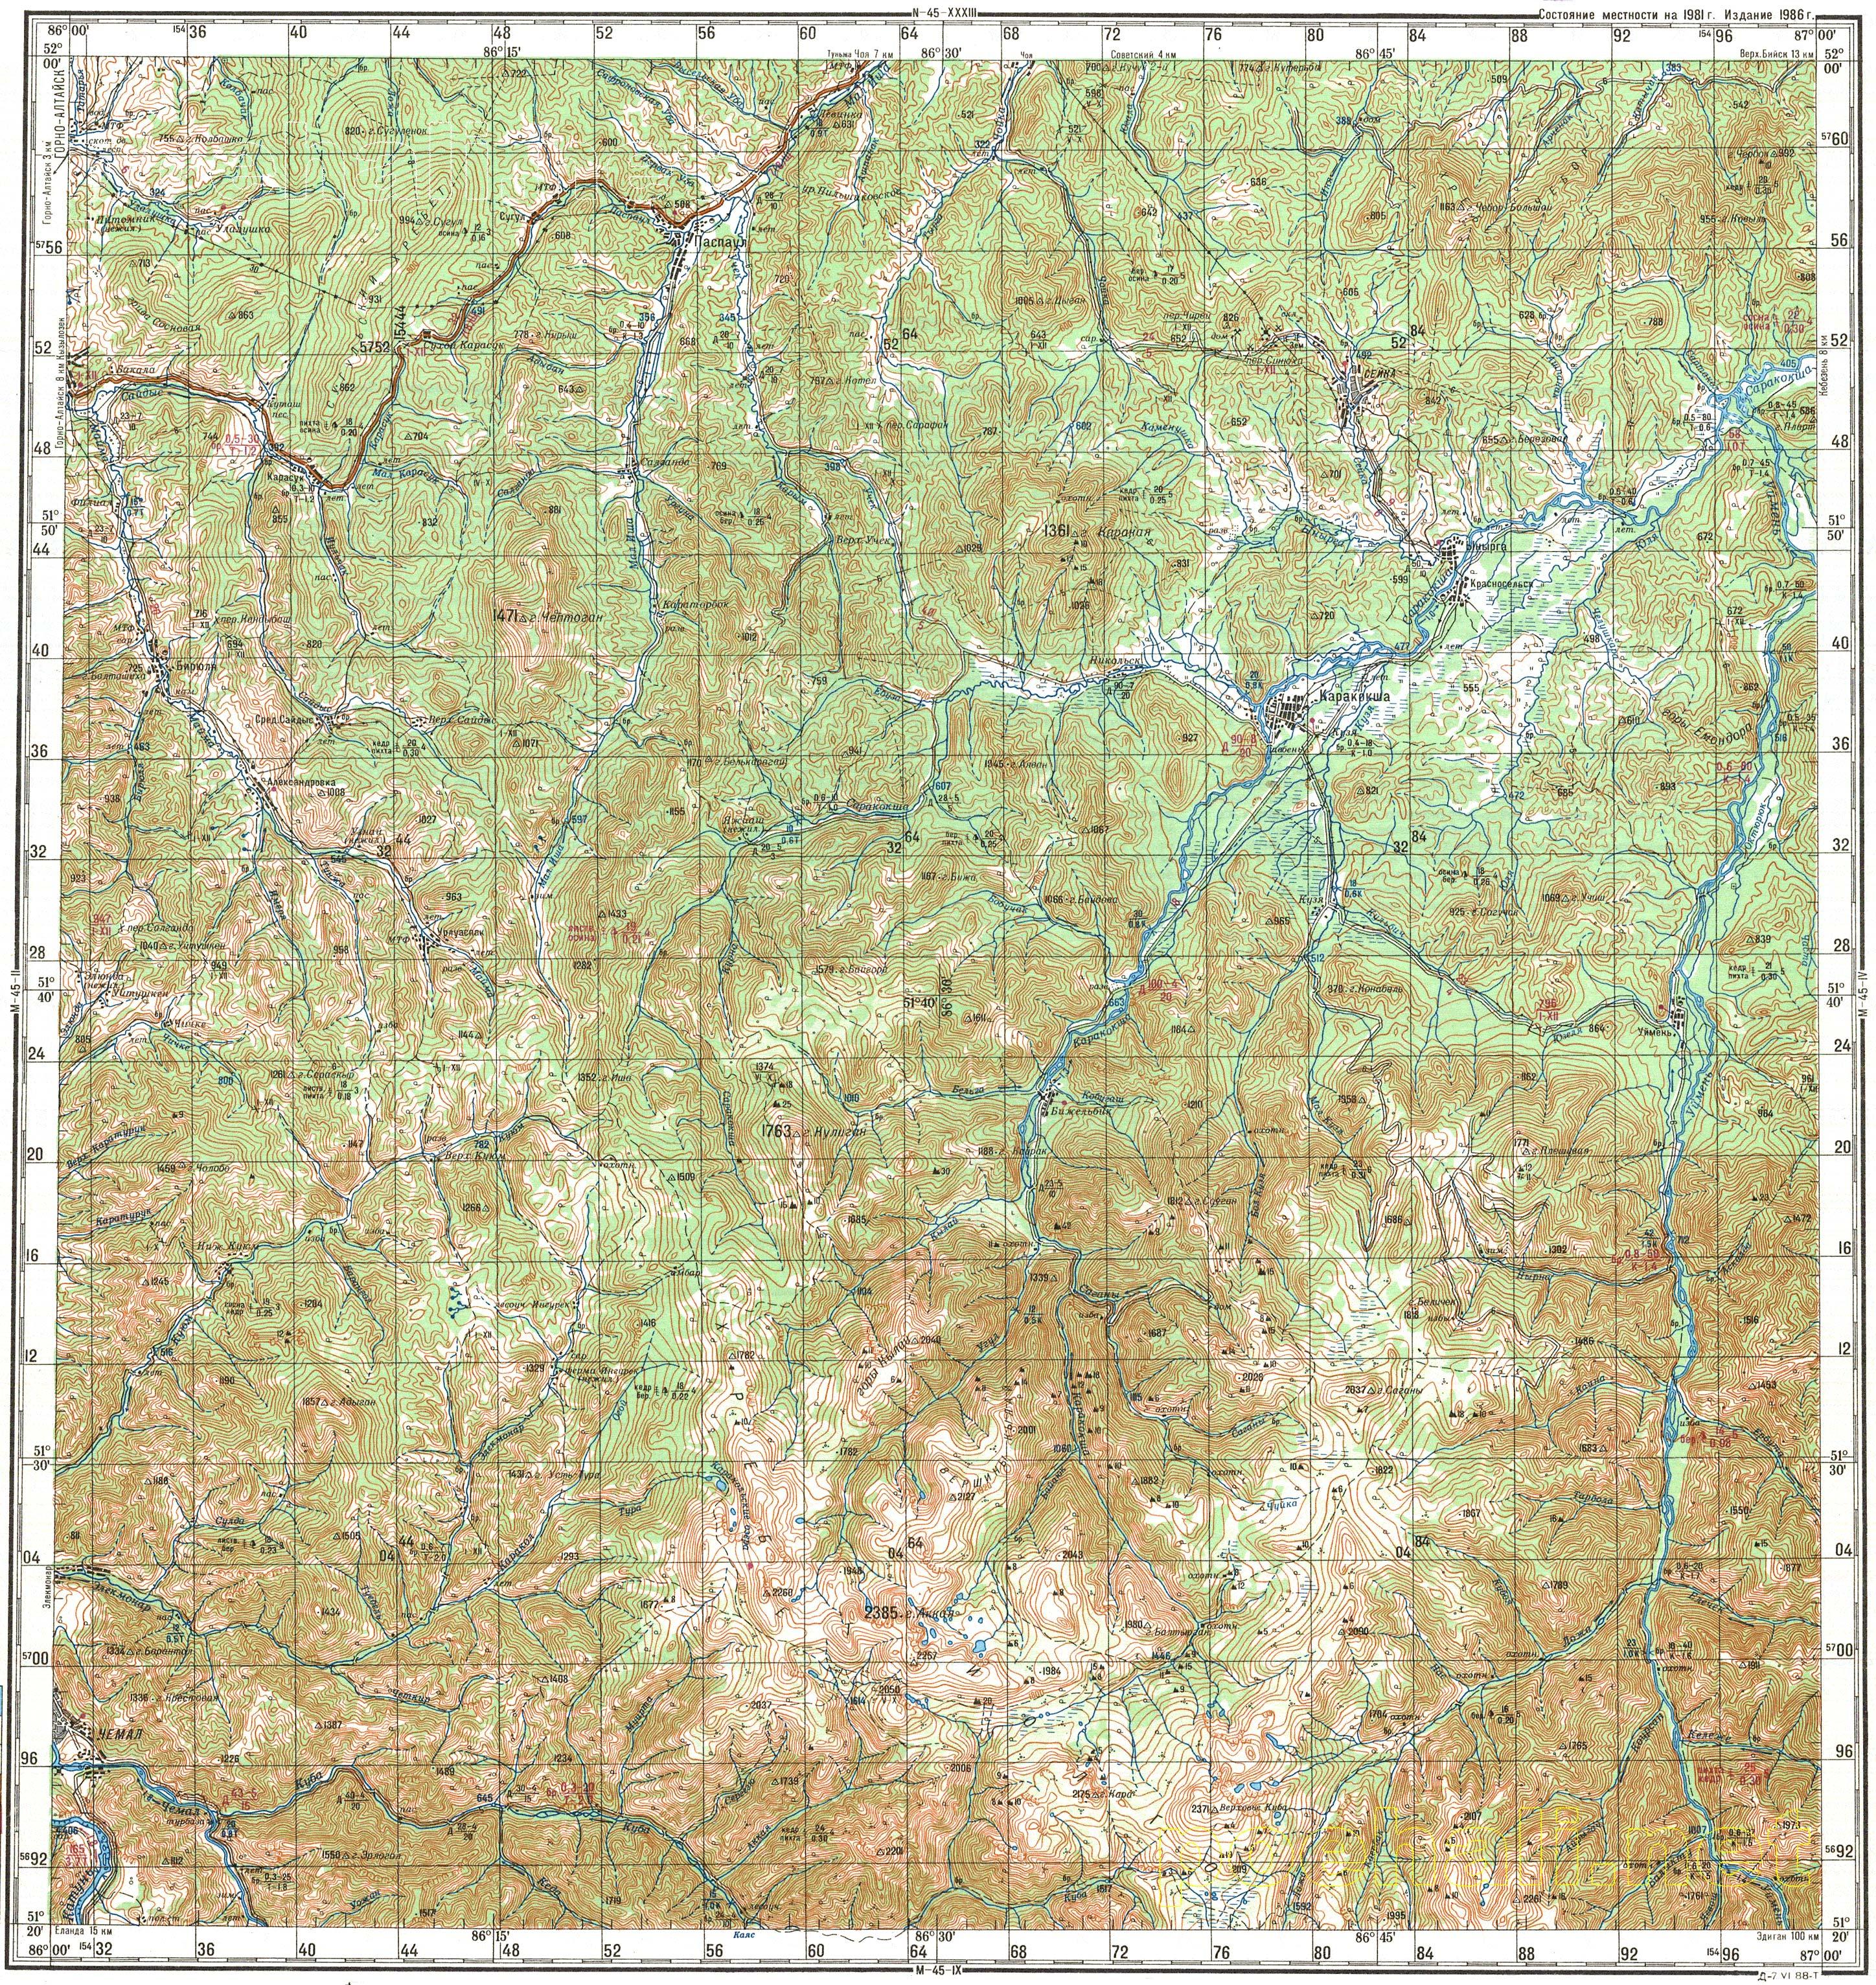 Скачать карту m-45-03 (3170 Kb)